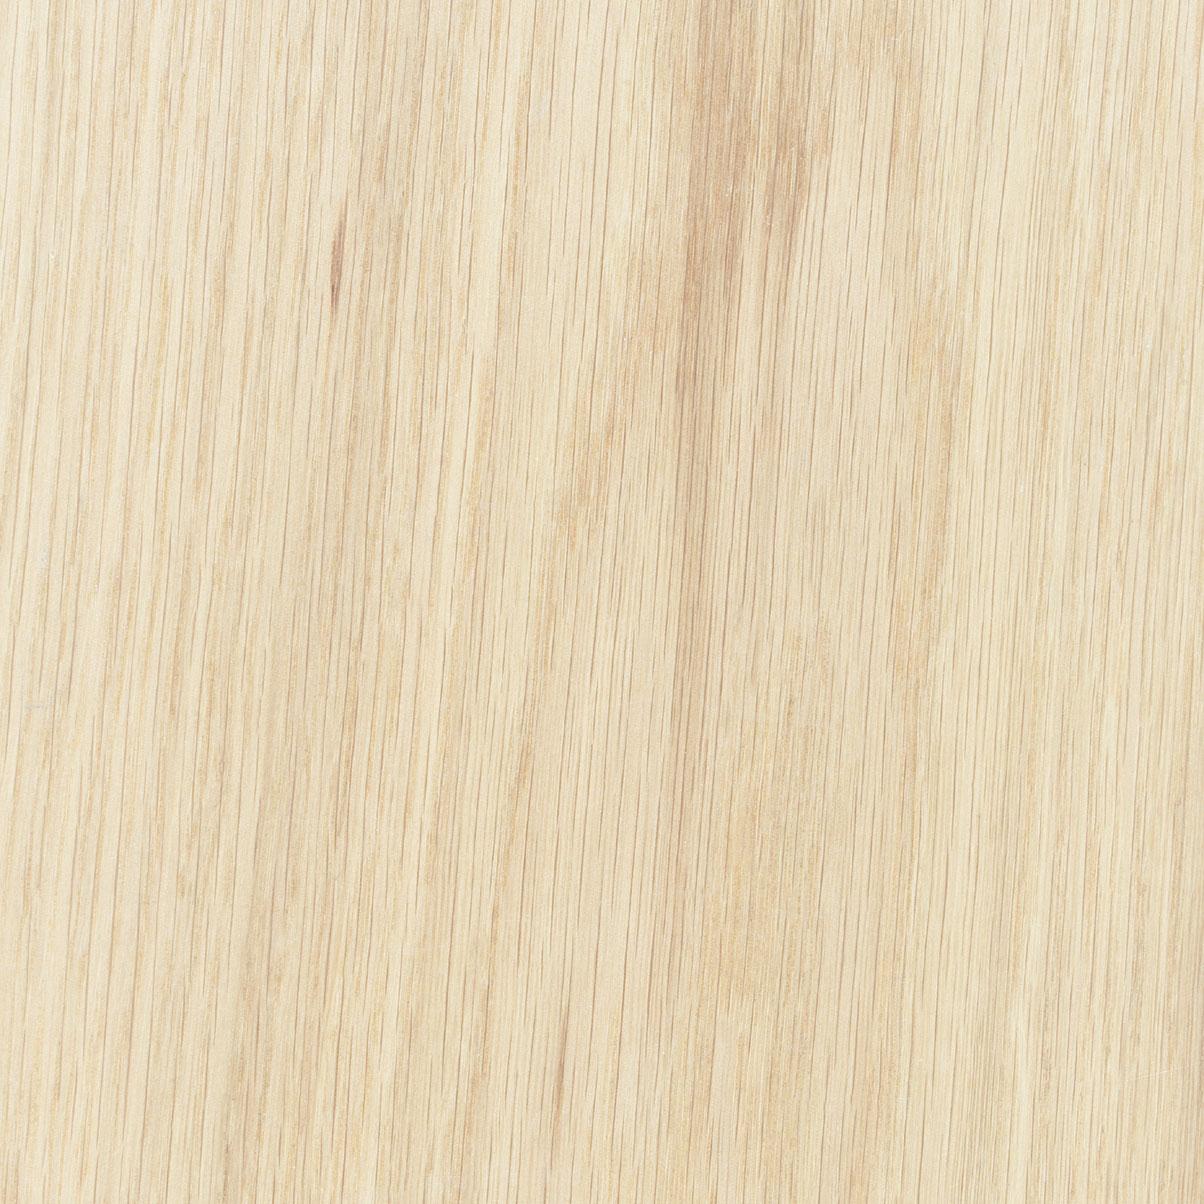 Element7-wide-plank-samples-fine-oak